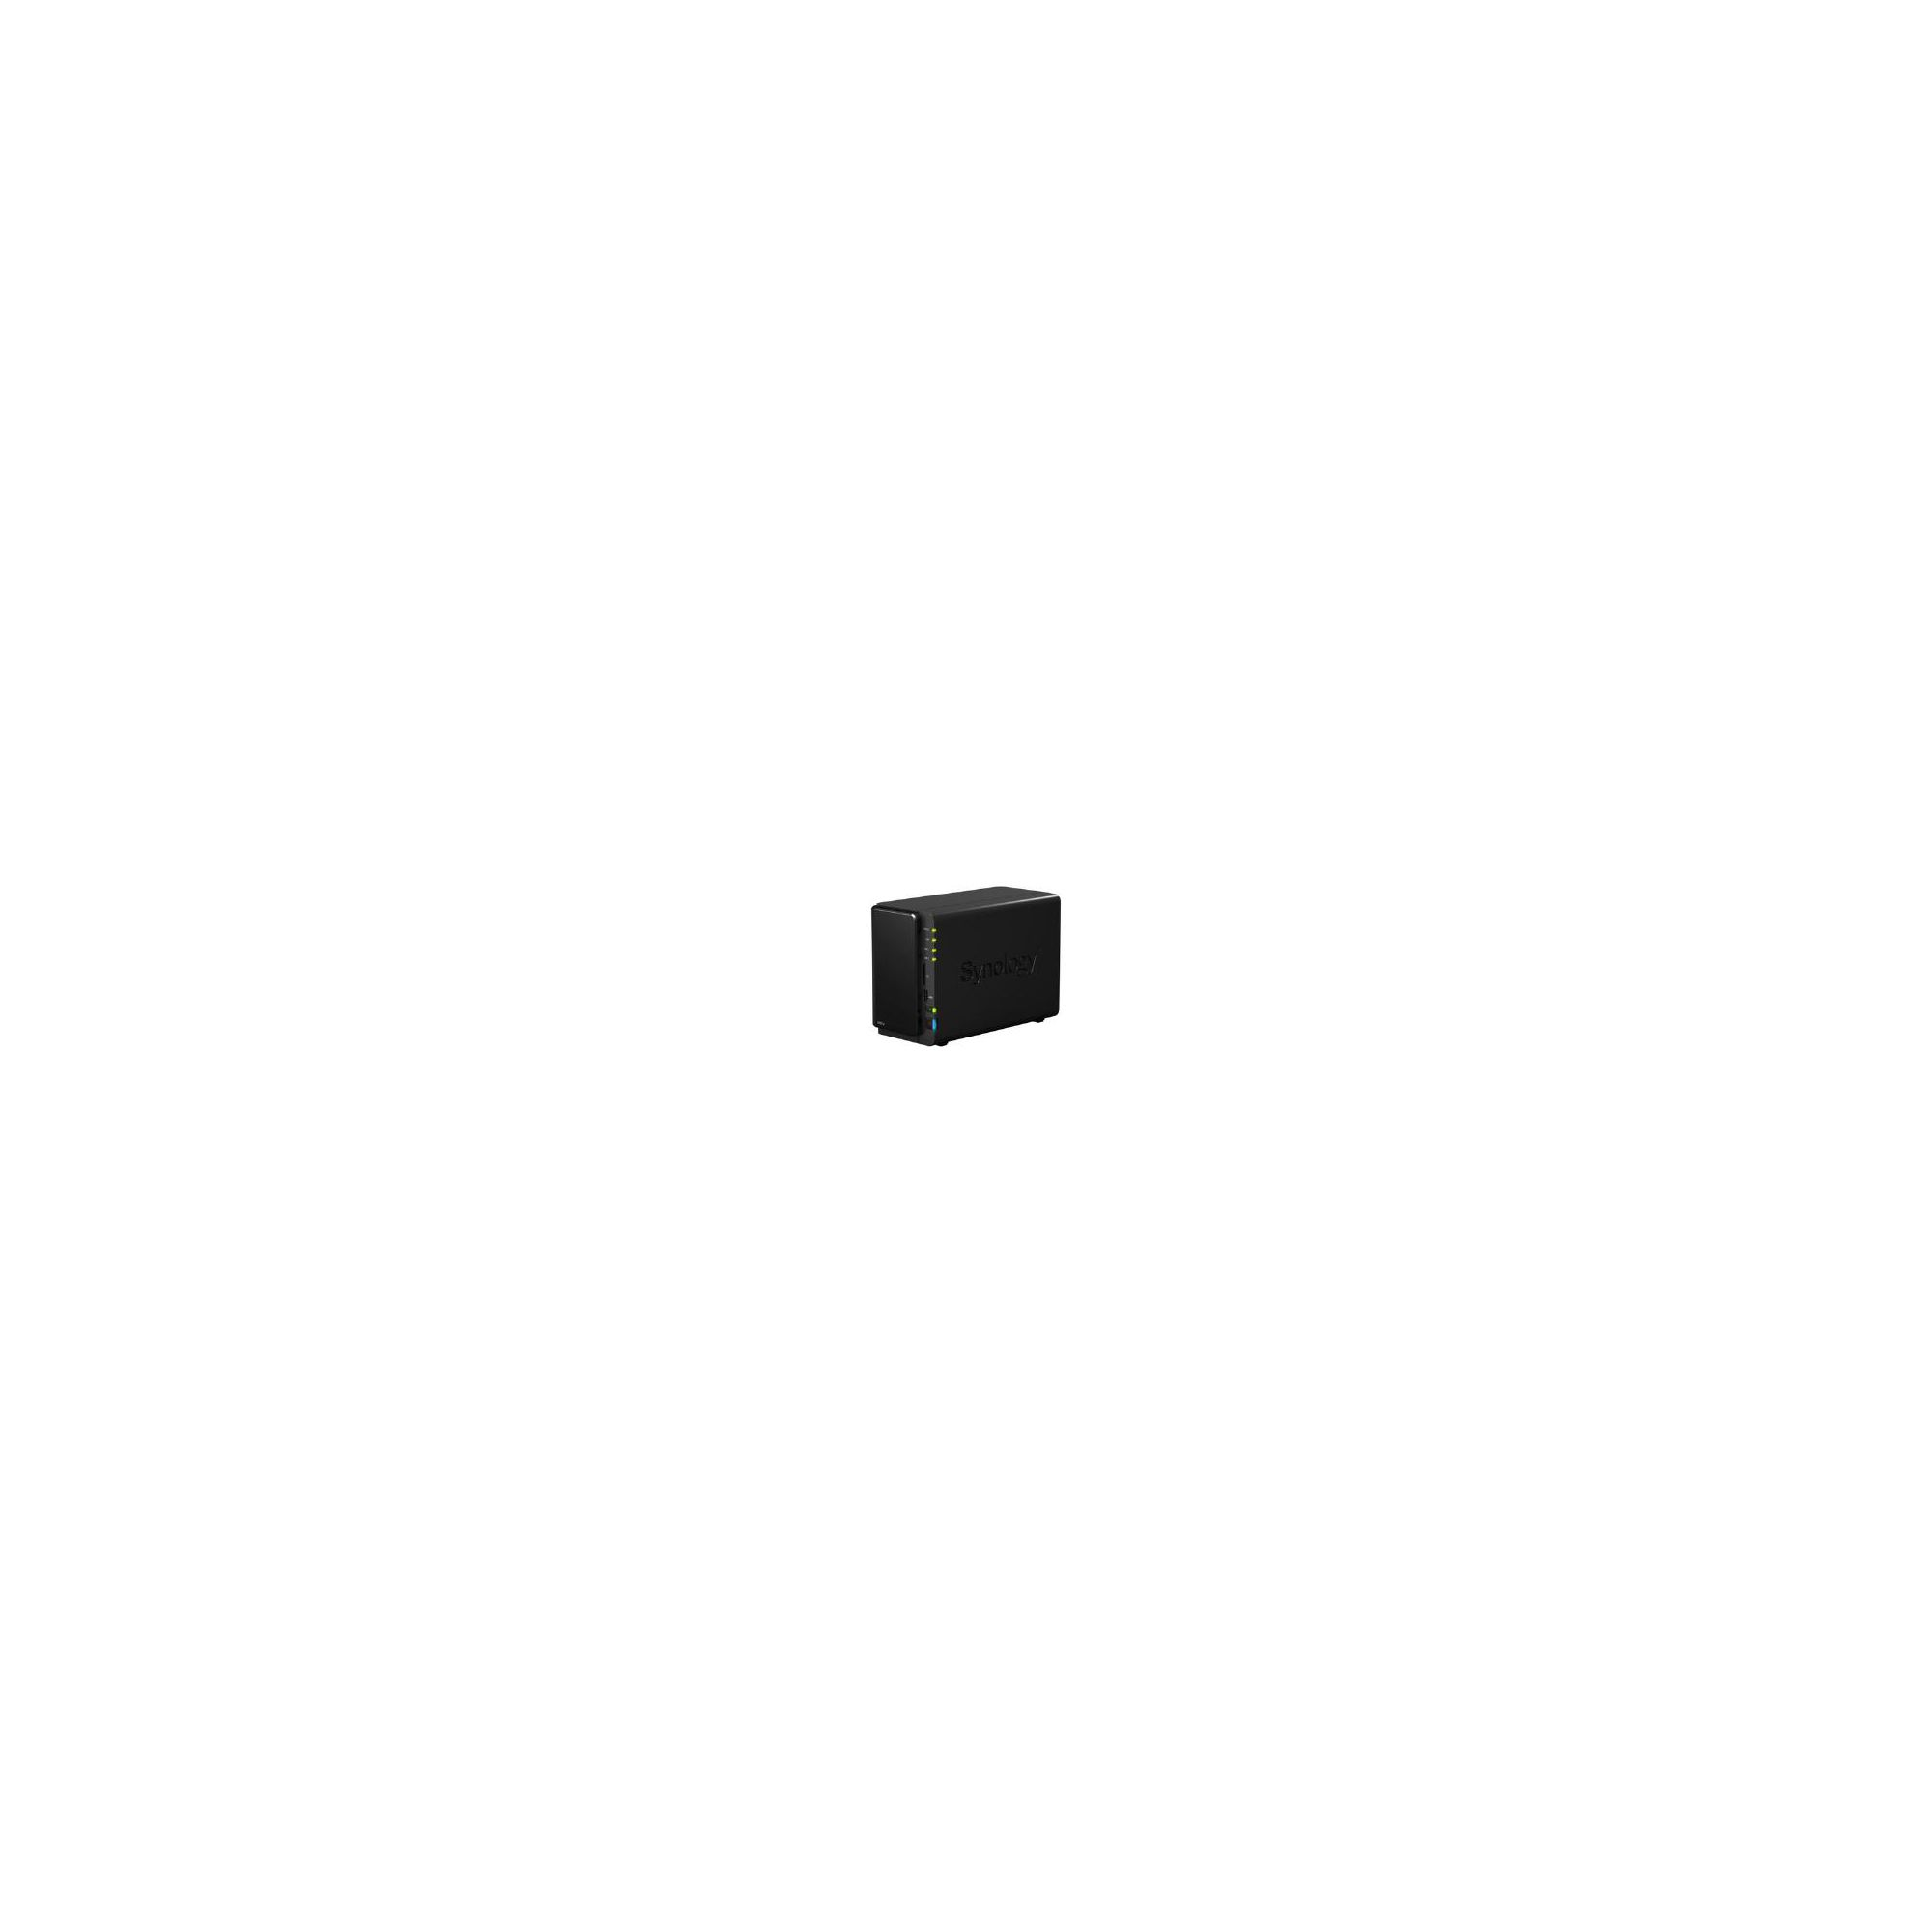 Synology DS212 2 Bay (1TB) NAS Enclosure CBID:1629801 at Tescos Direct